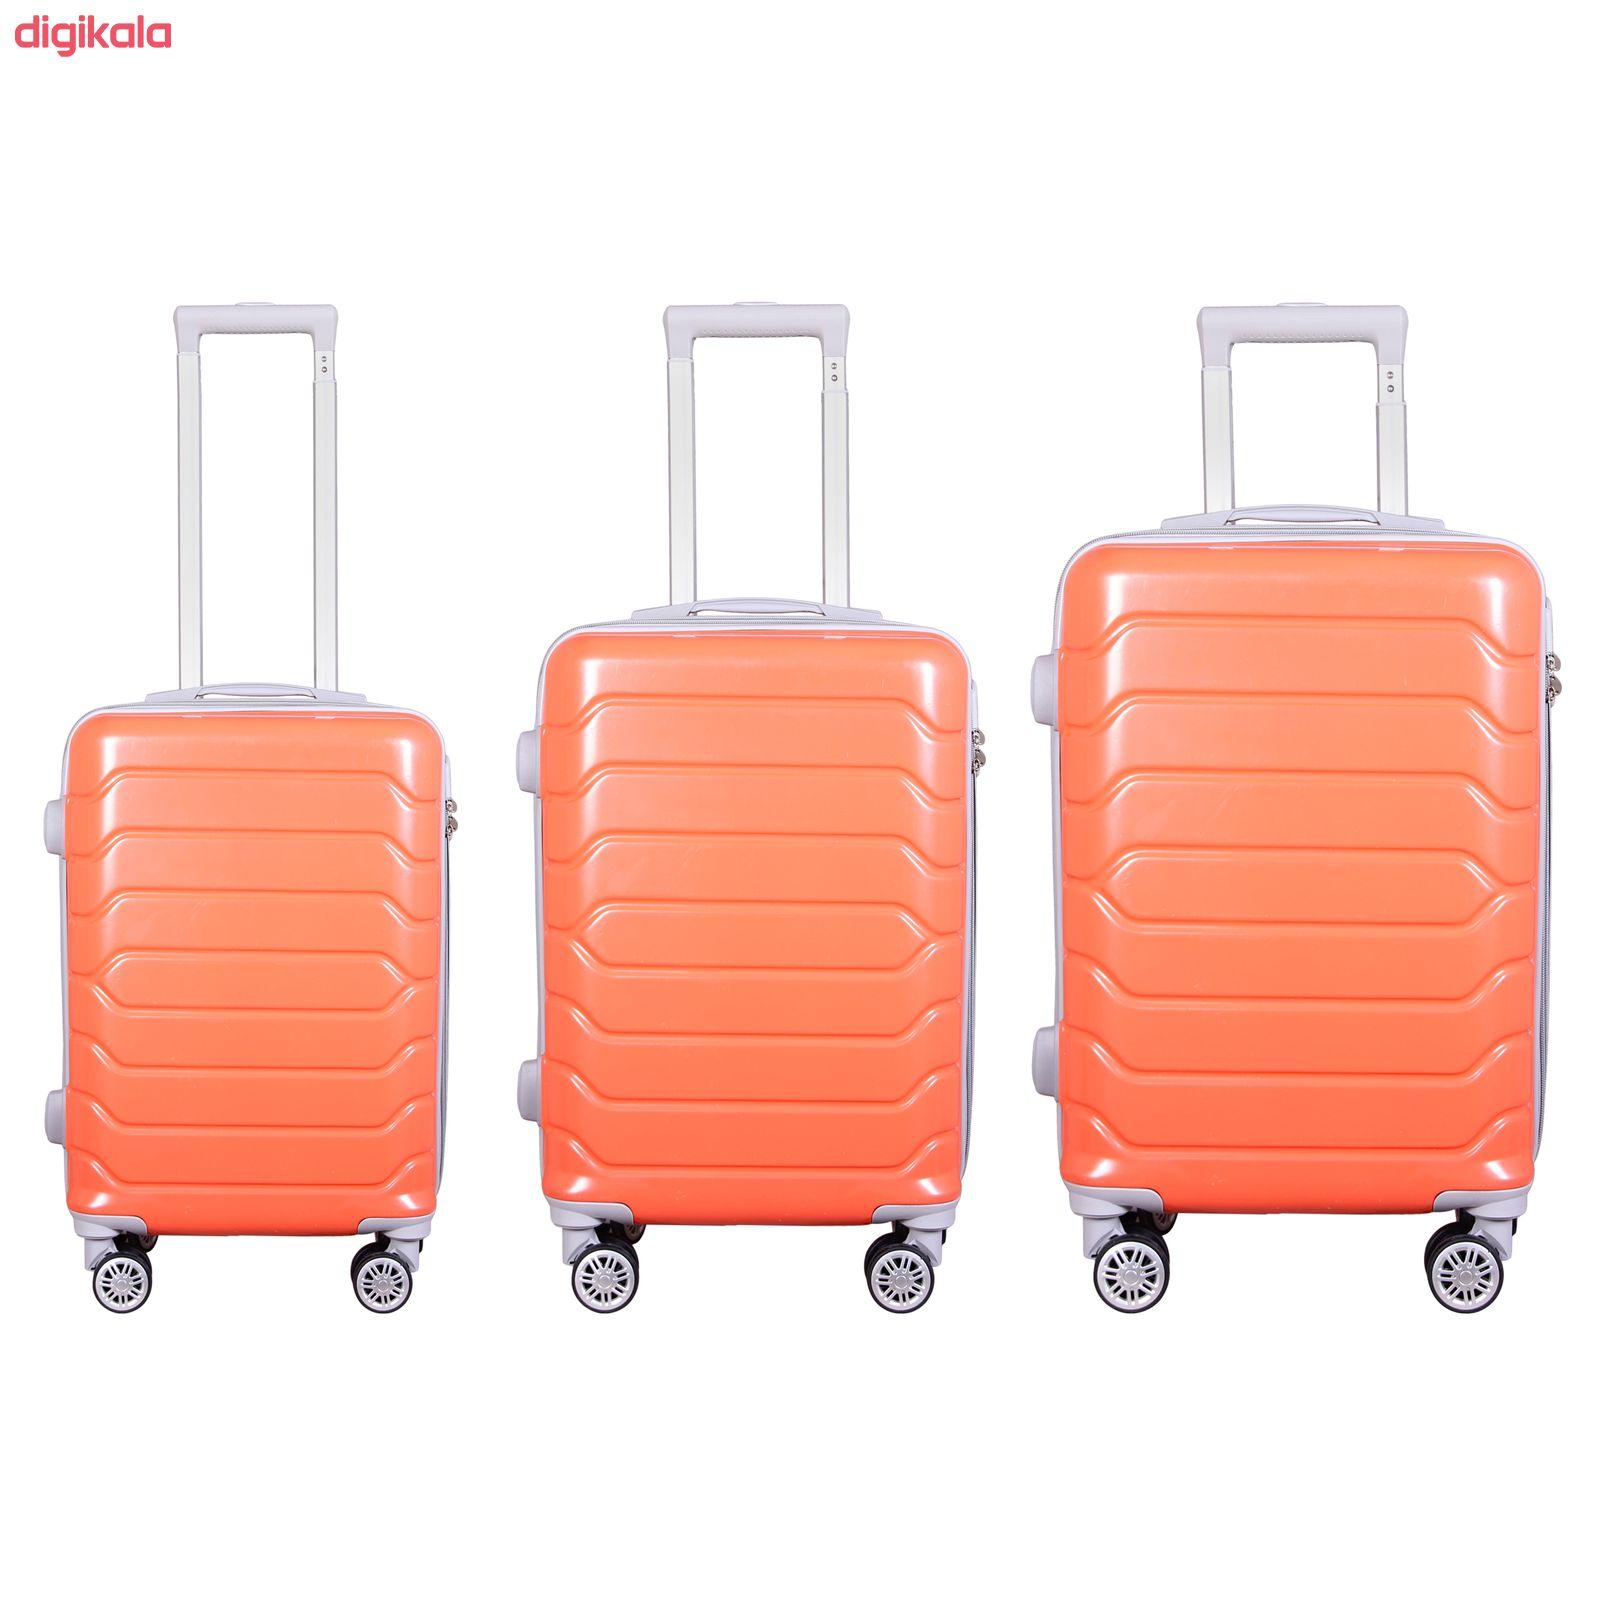 مجموعه سه عددی چمدان مدل 20020 main 1 1